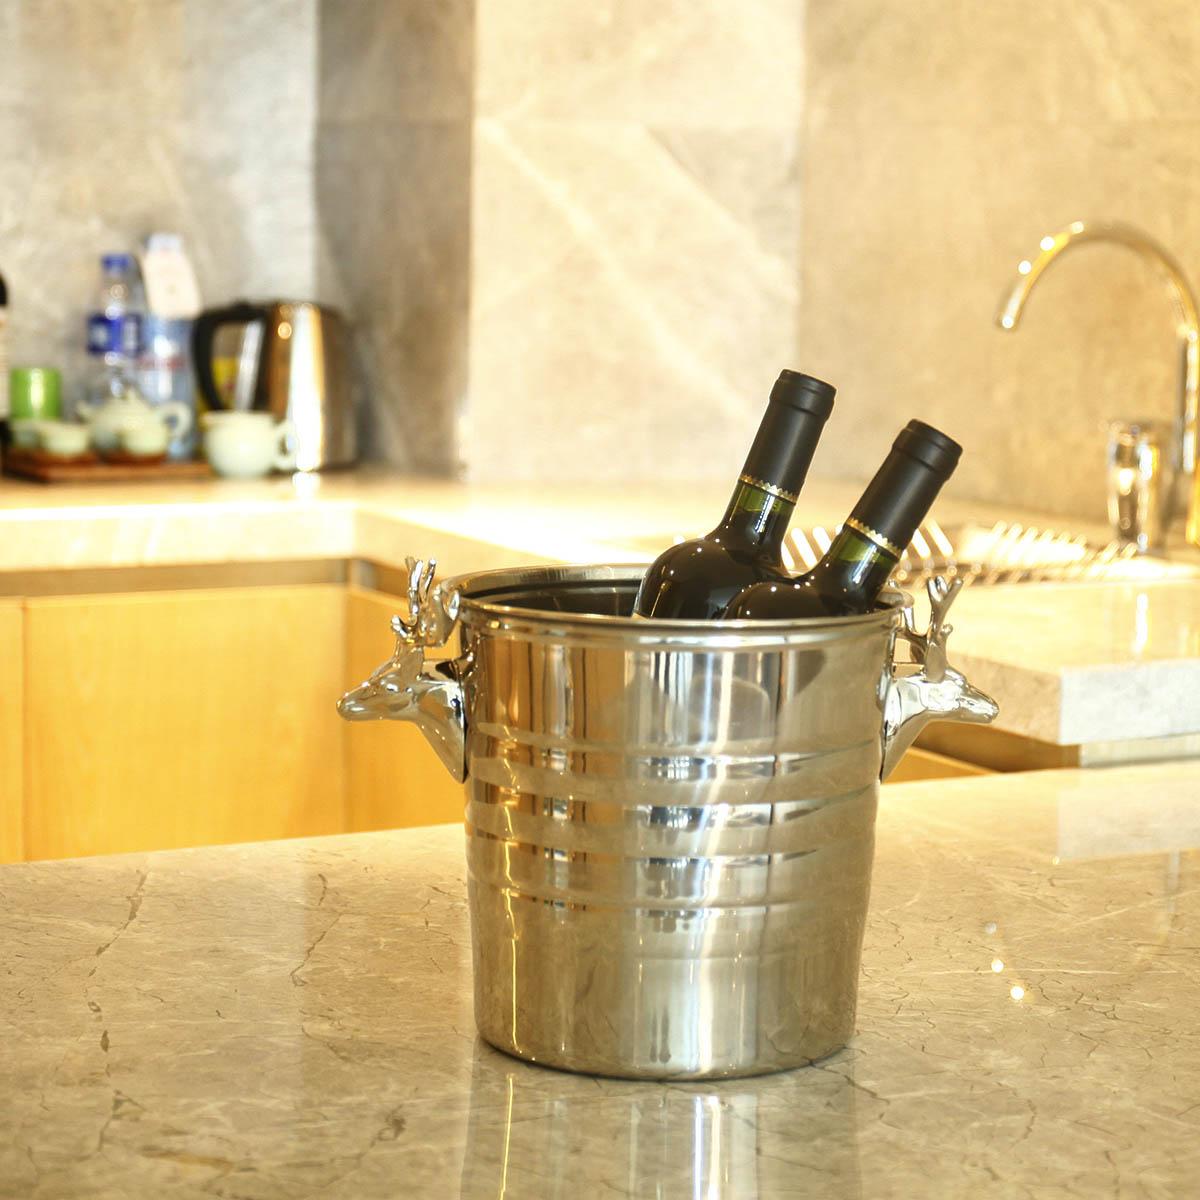 Cubo de hielo de acero inoxidable con cabeza de ciervo plateado, herramienta de Bar, herramienta para el hogar, Cubo de vino, Cubo de champán, accesorios para Bar-in Otros from Hogar y Mascotas    1